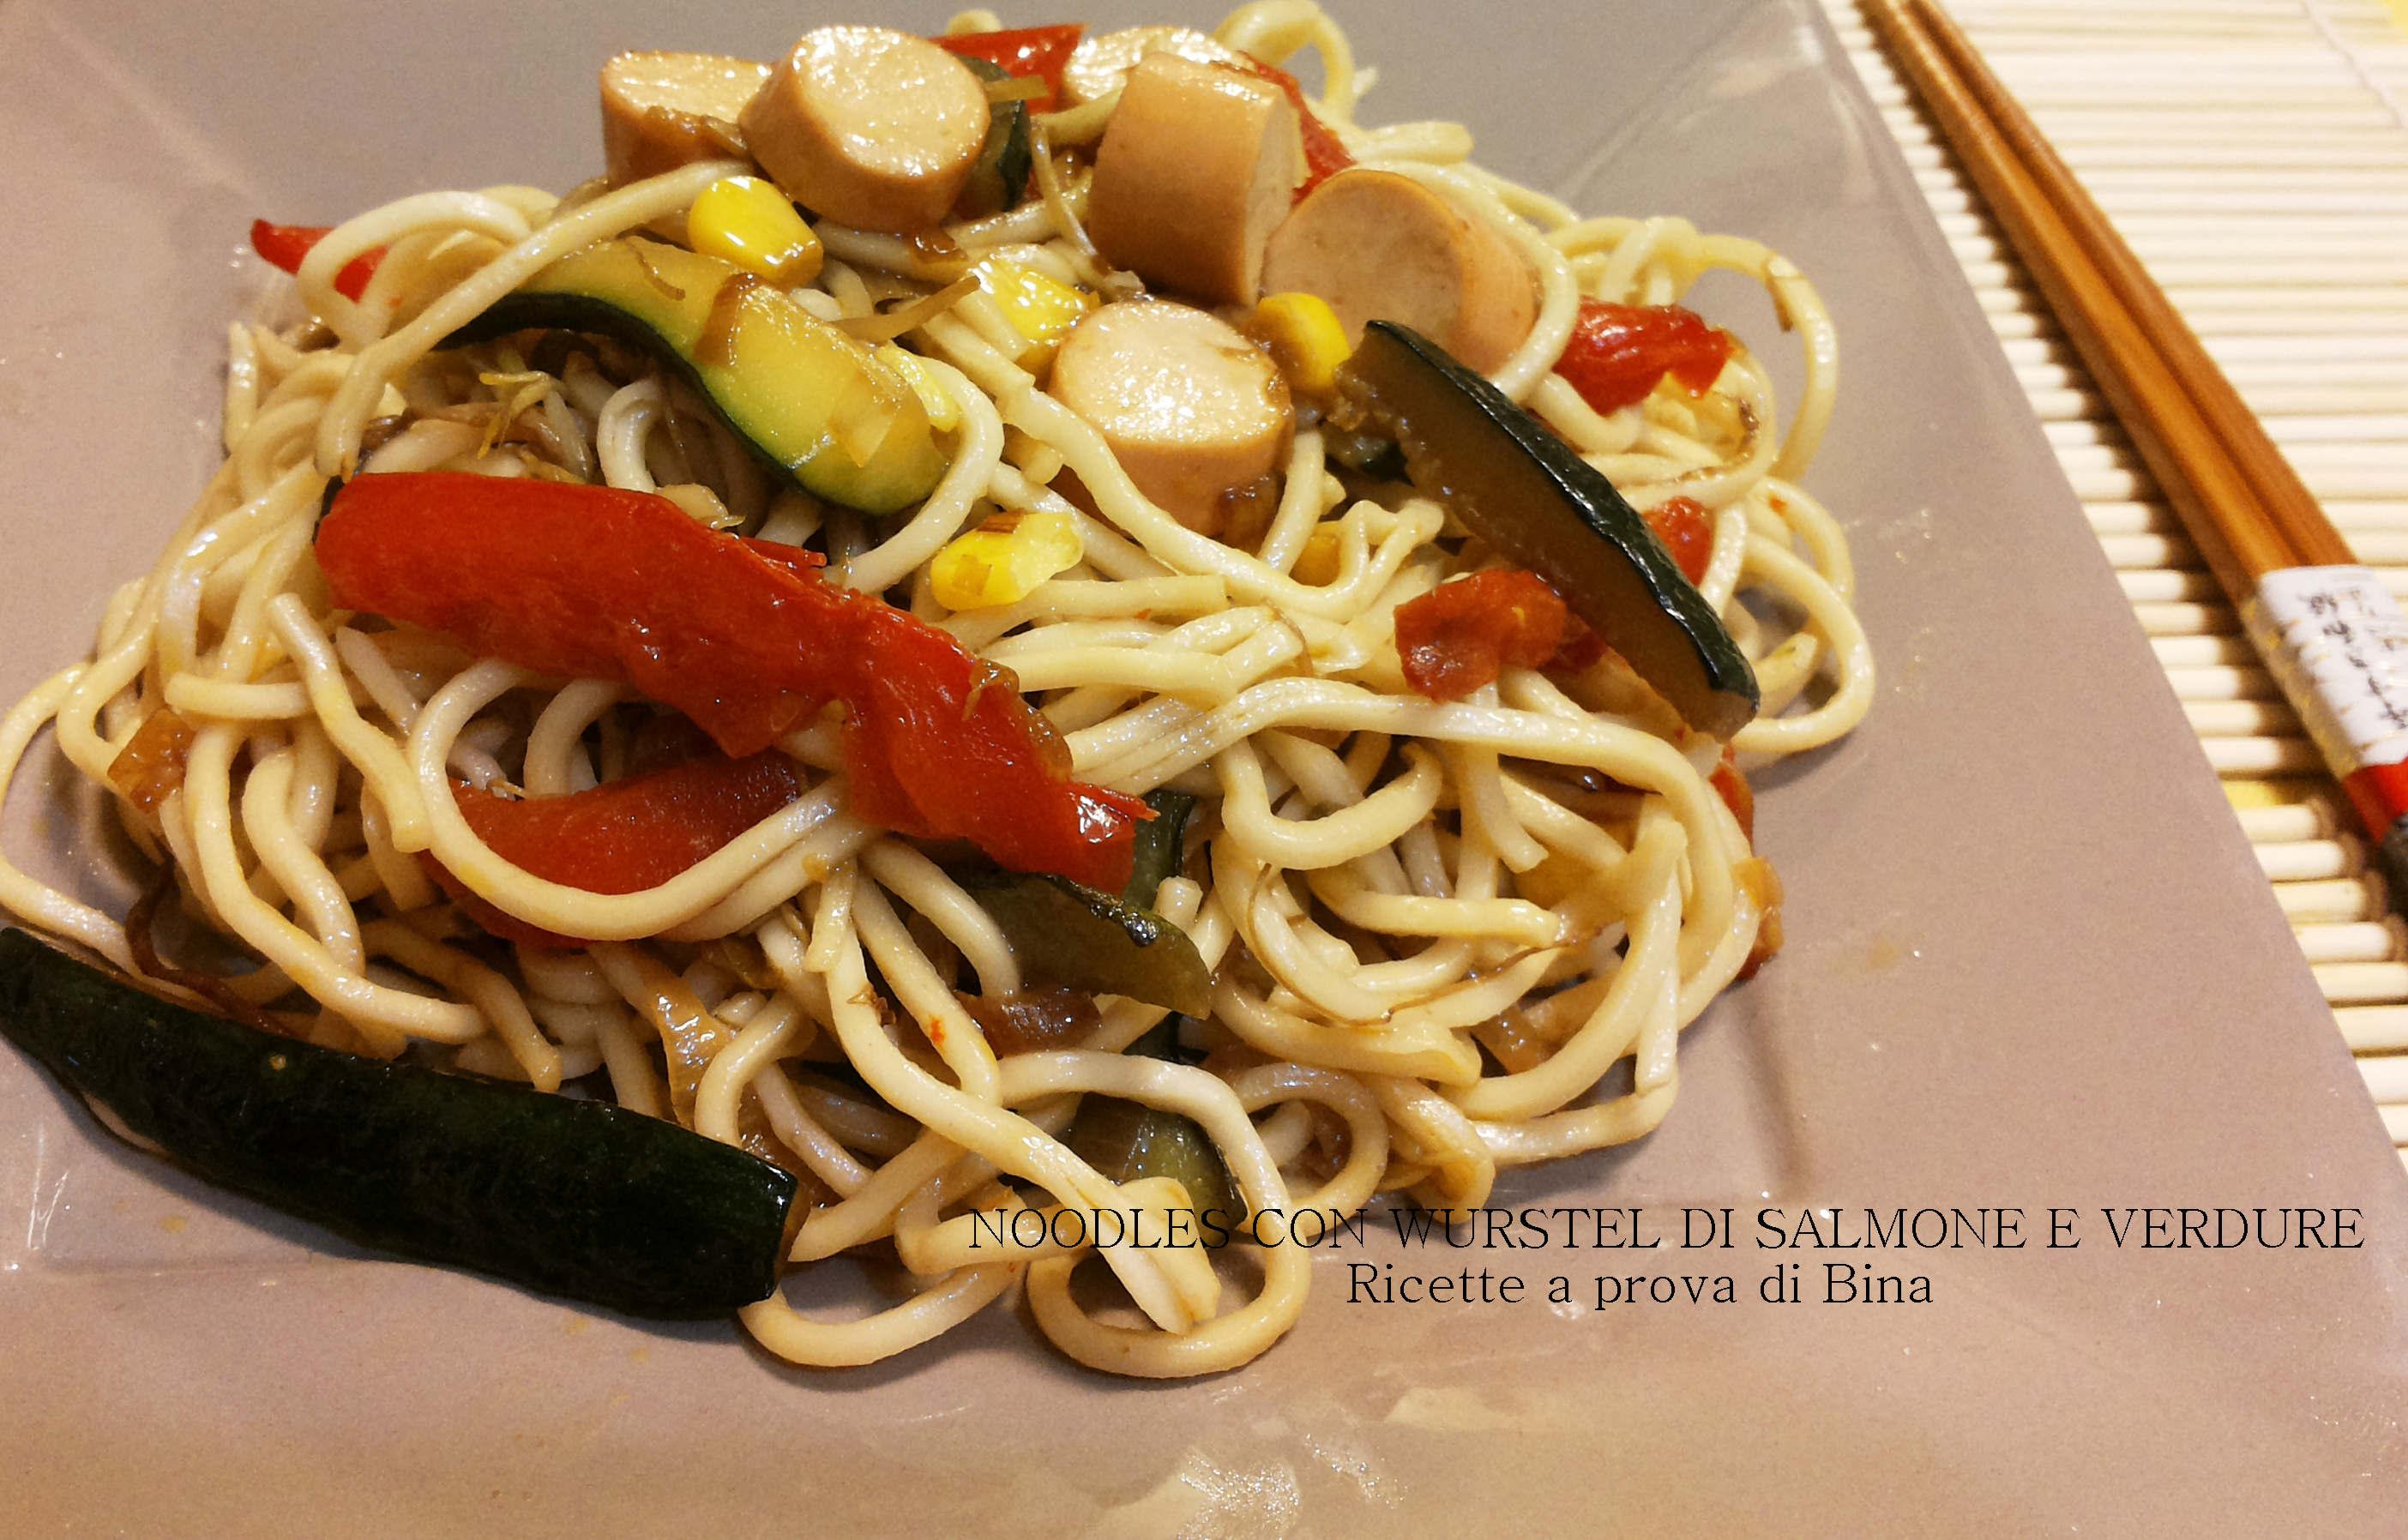 Noodles con verdure e wurstel di salmone ricette a prova for Salmone ricette